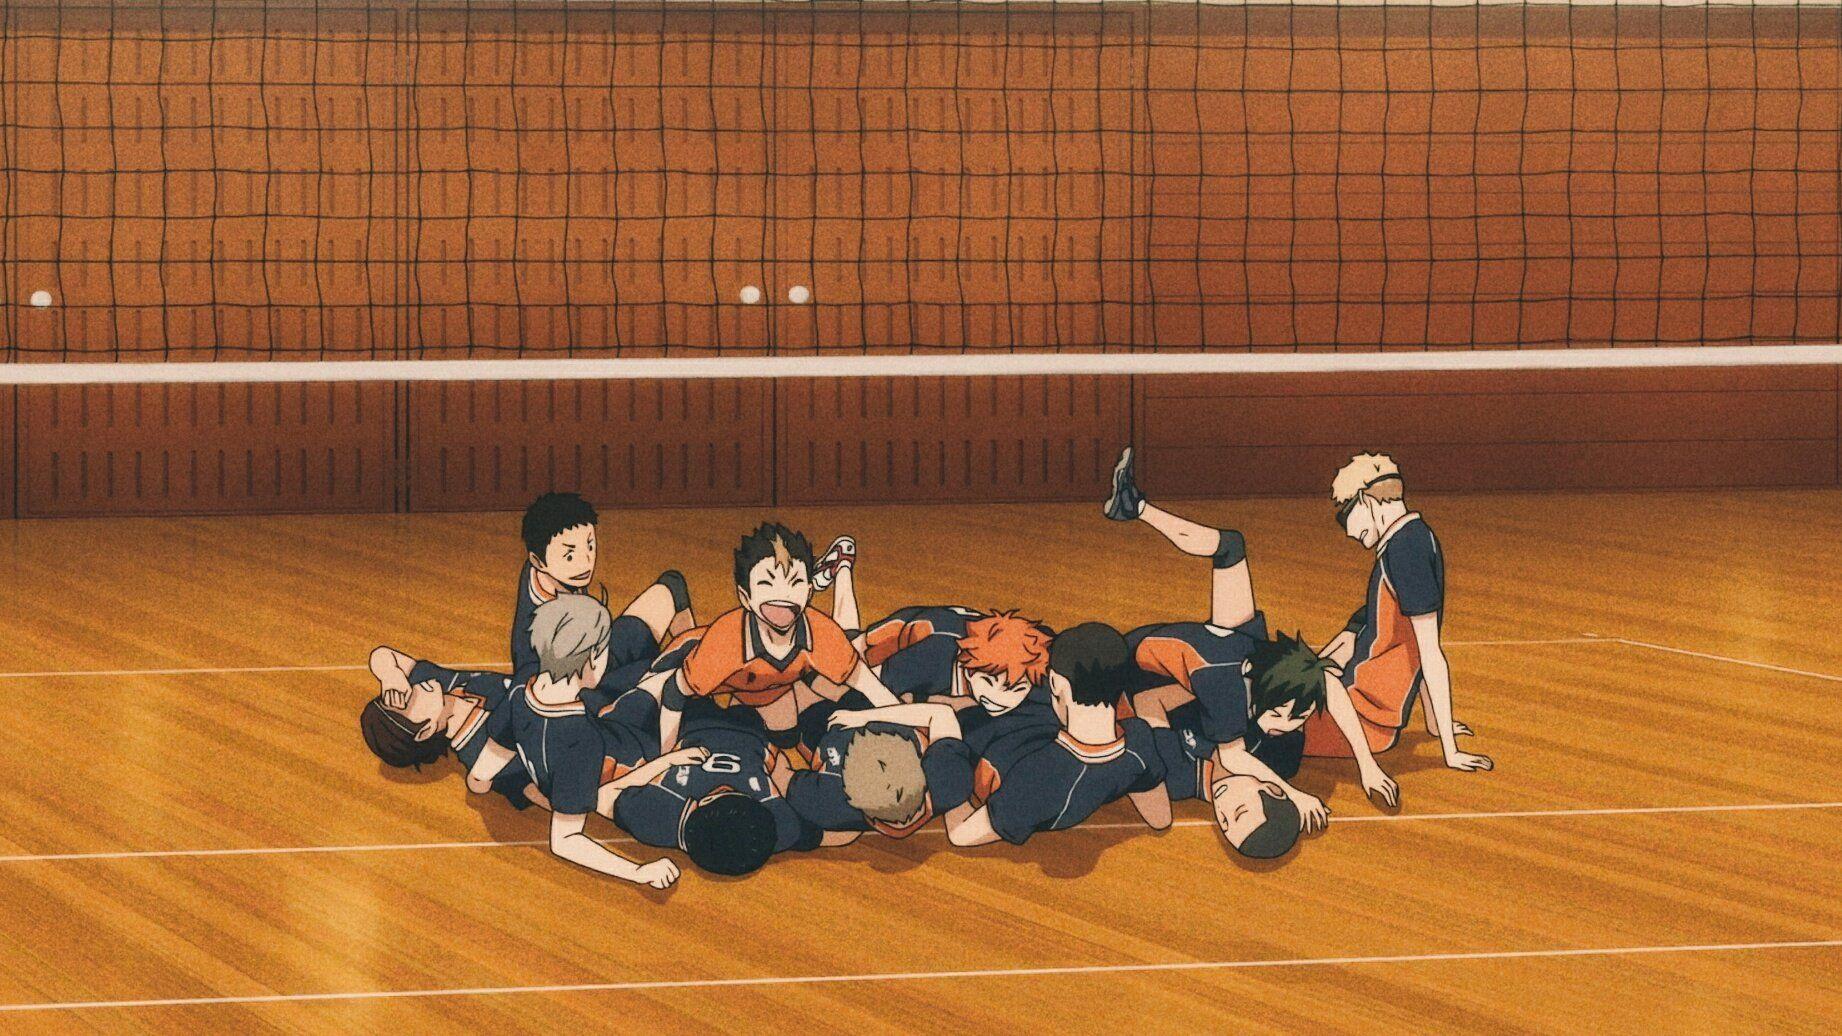 Karasuno Pics On Twitter In 2020 Haikyuu Karasuno Haikyuu Meme Anime Cover Photo